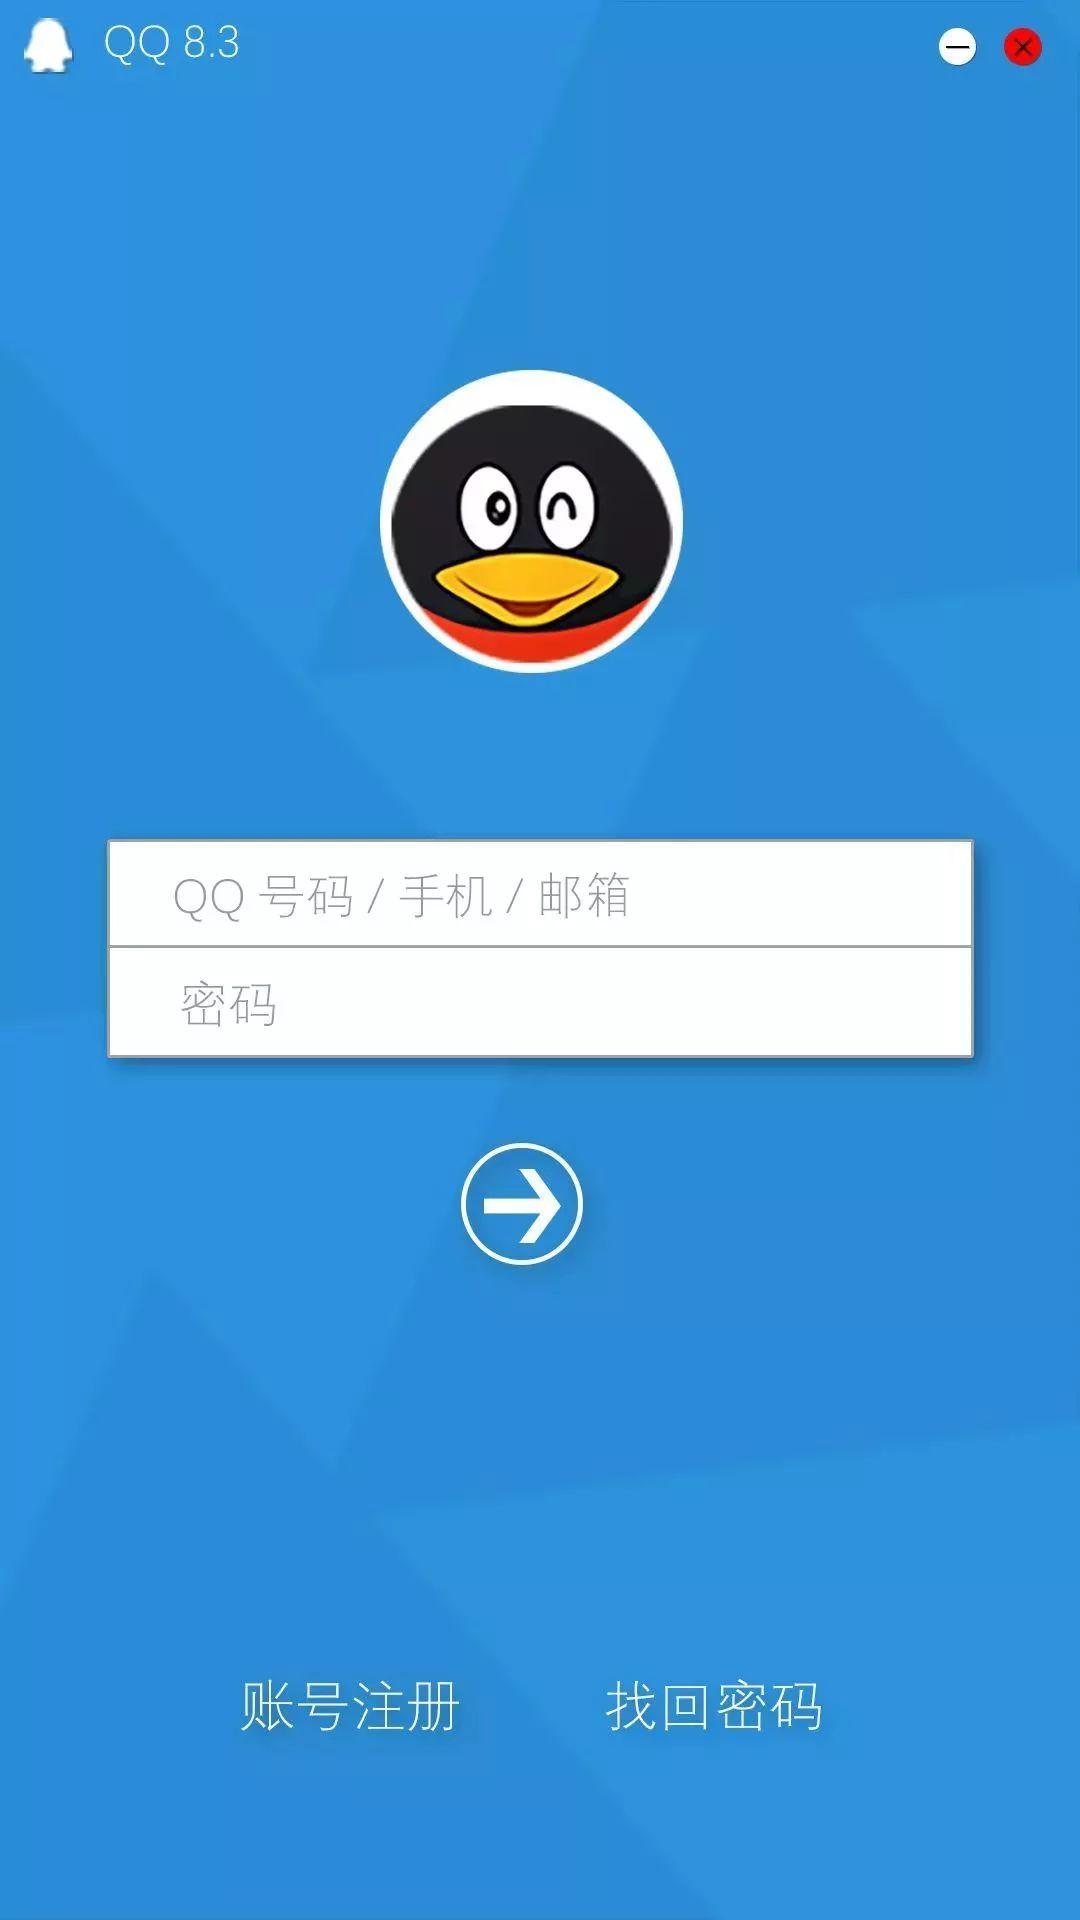 我的qq中心官网登录入口 找到QQ主面板QQ昵称旁边的